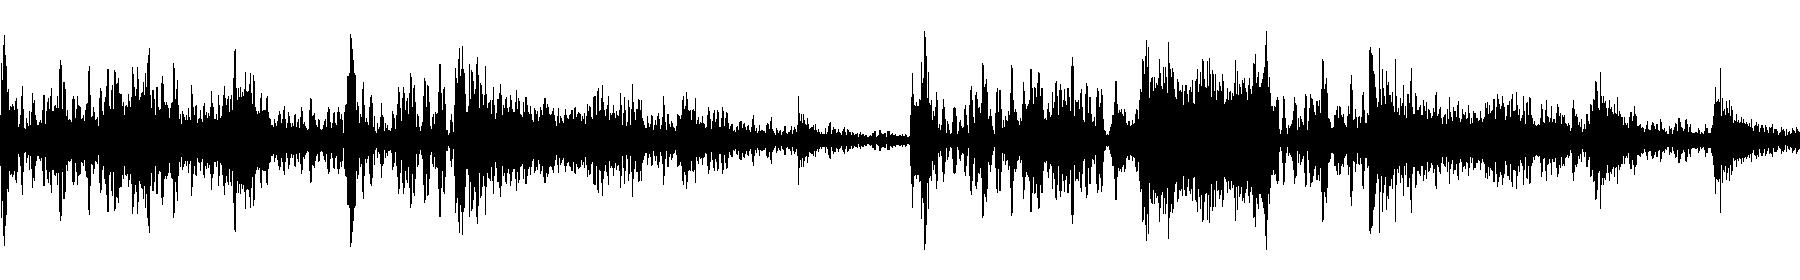 blbc jazzydrum analogmush 95 03